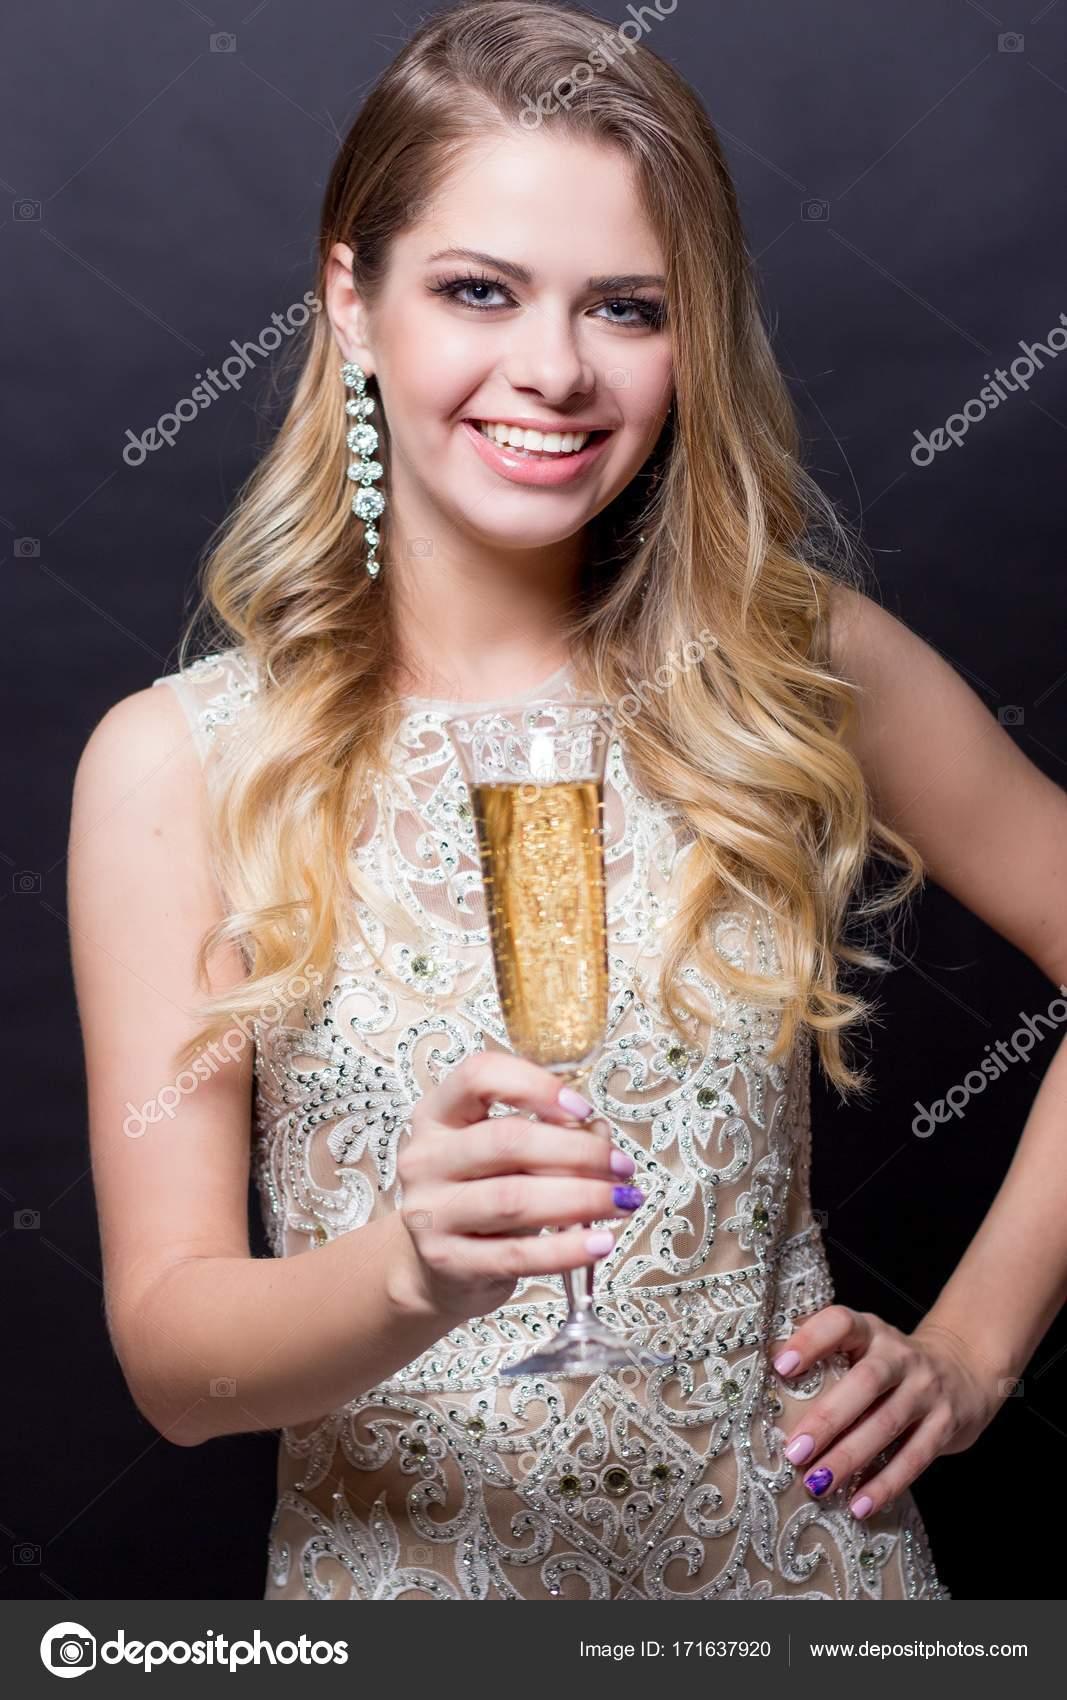 Portrat Einer Schonen Jungen Frau Mit Einem Glas Champagner Eine